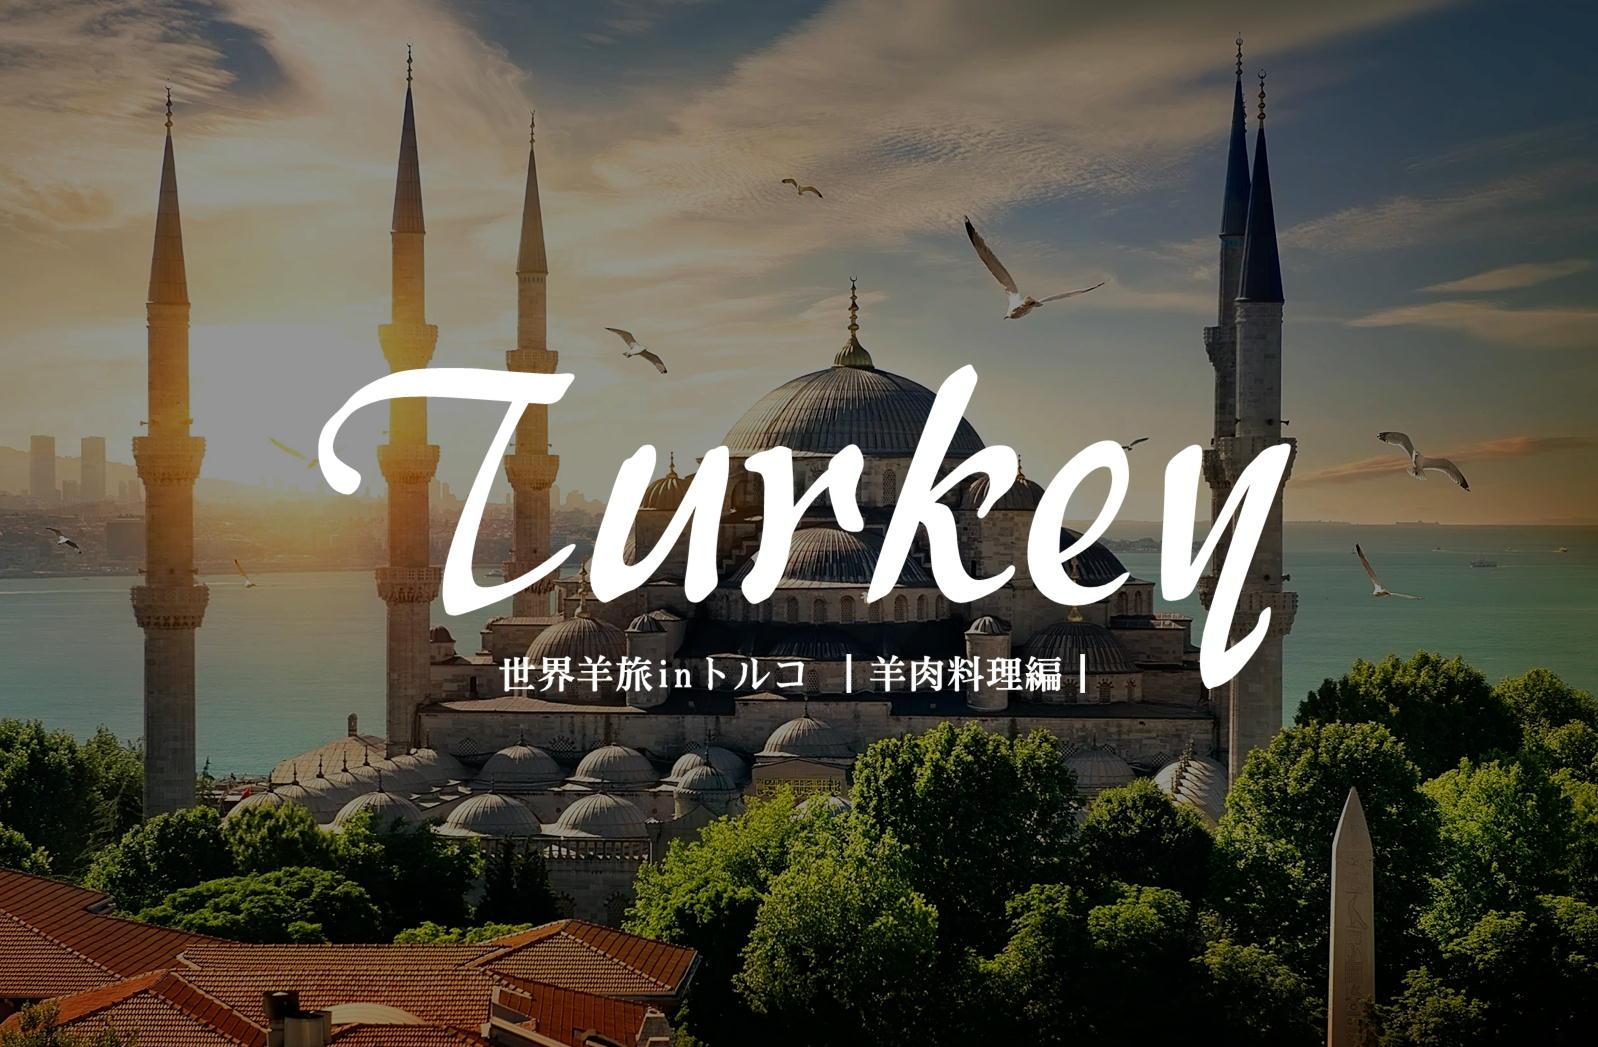 世界三大料理の一角「トルコ料理」は羊肉オンパレード《キョフテ、羊頭、内臓スープ、etc編》【トルコ/イスタンブール】